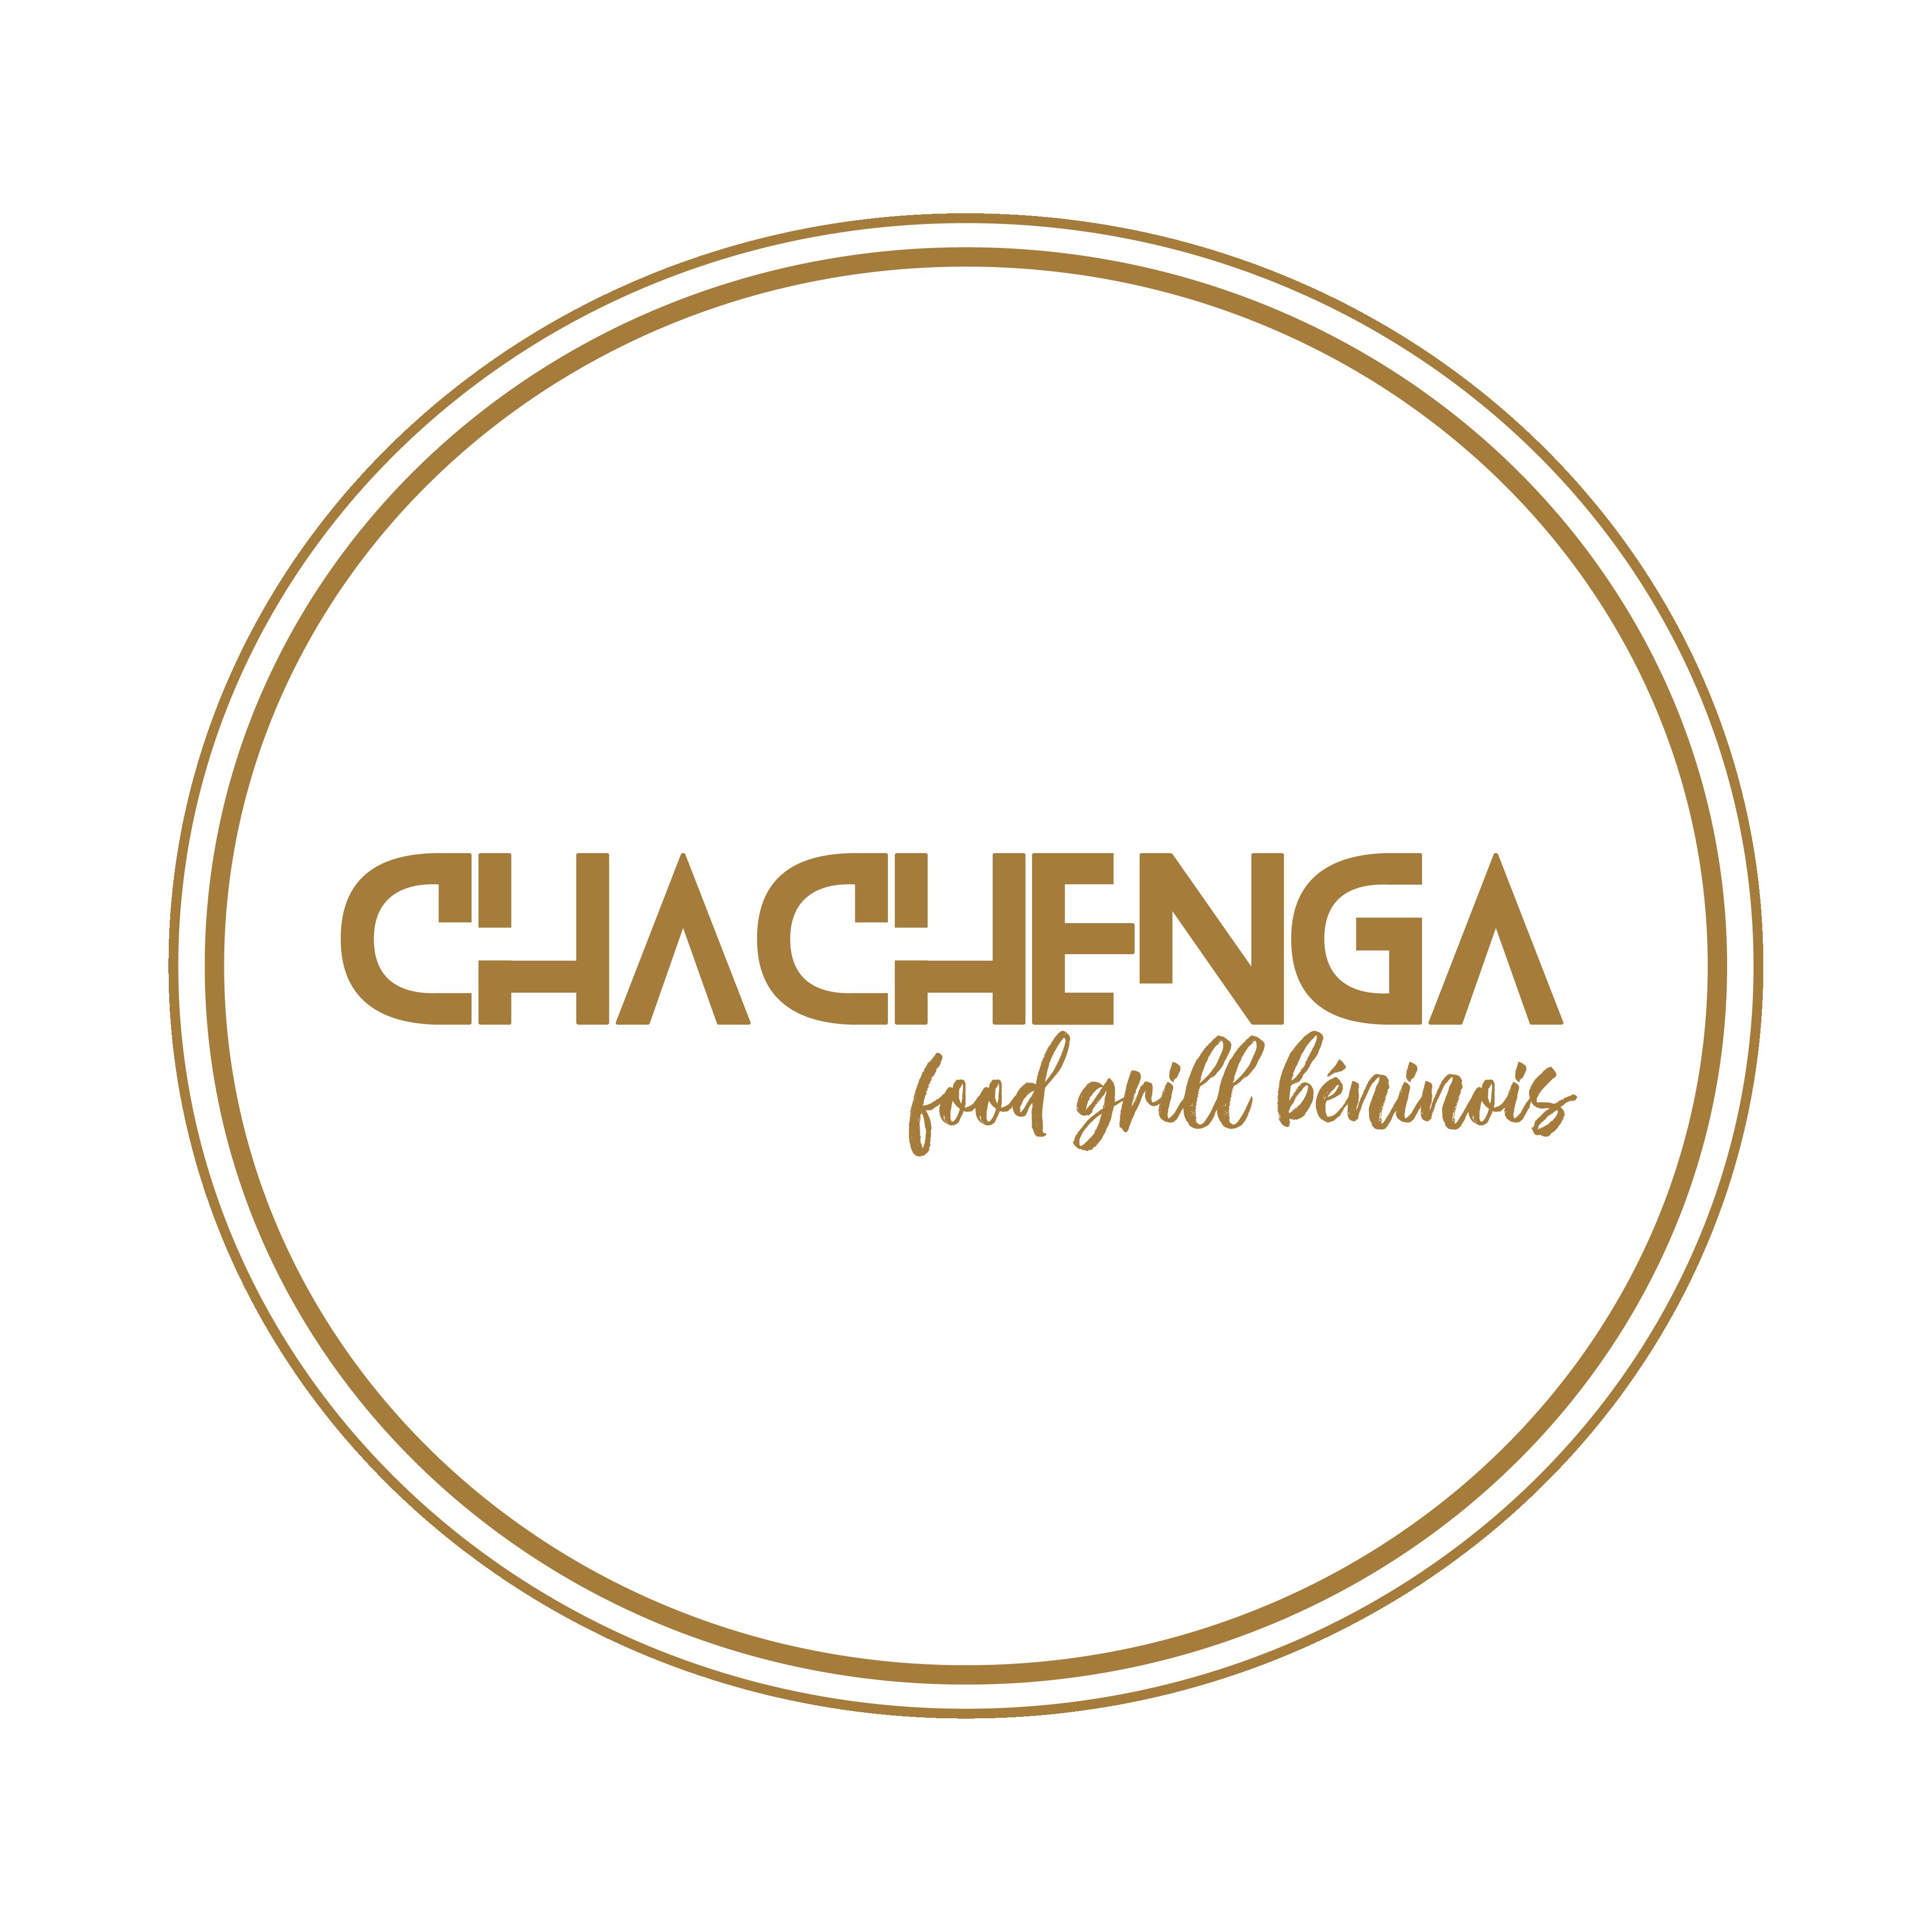 Chachenga